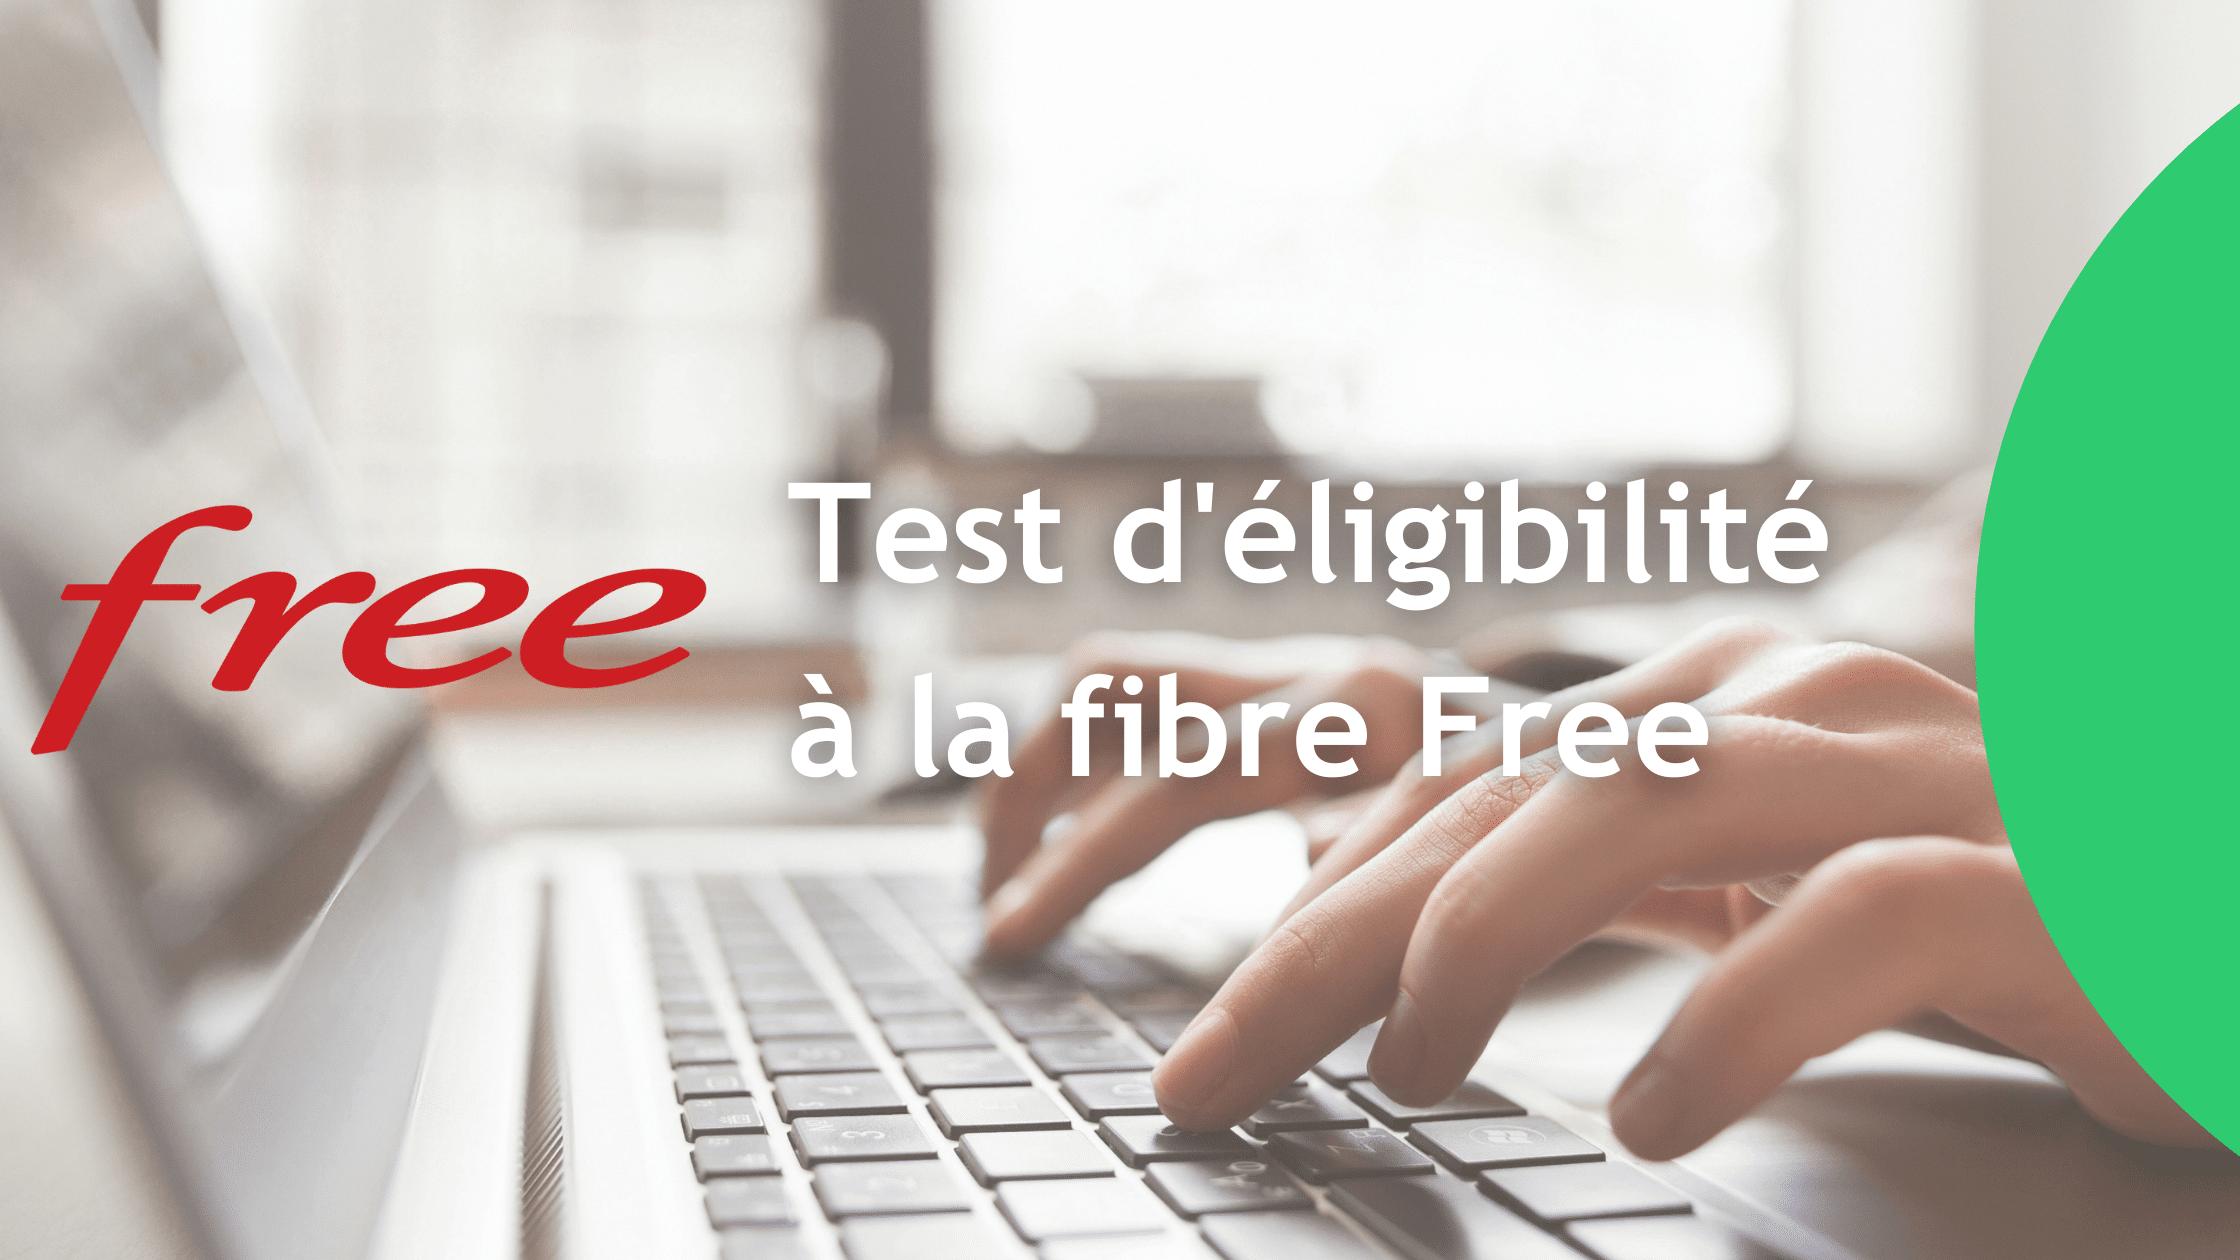 Eligibilité fibre Free